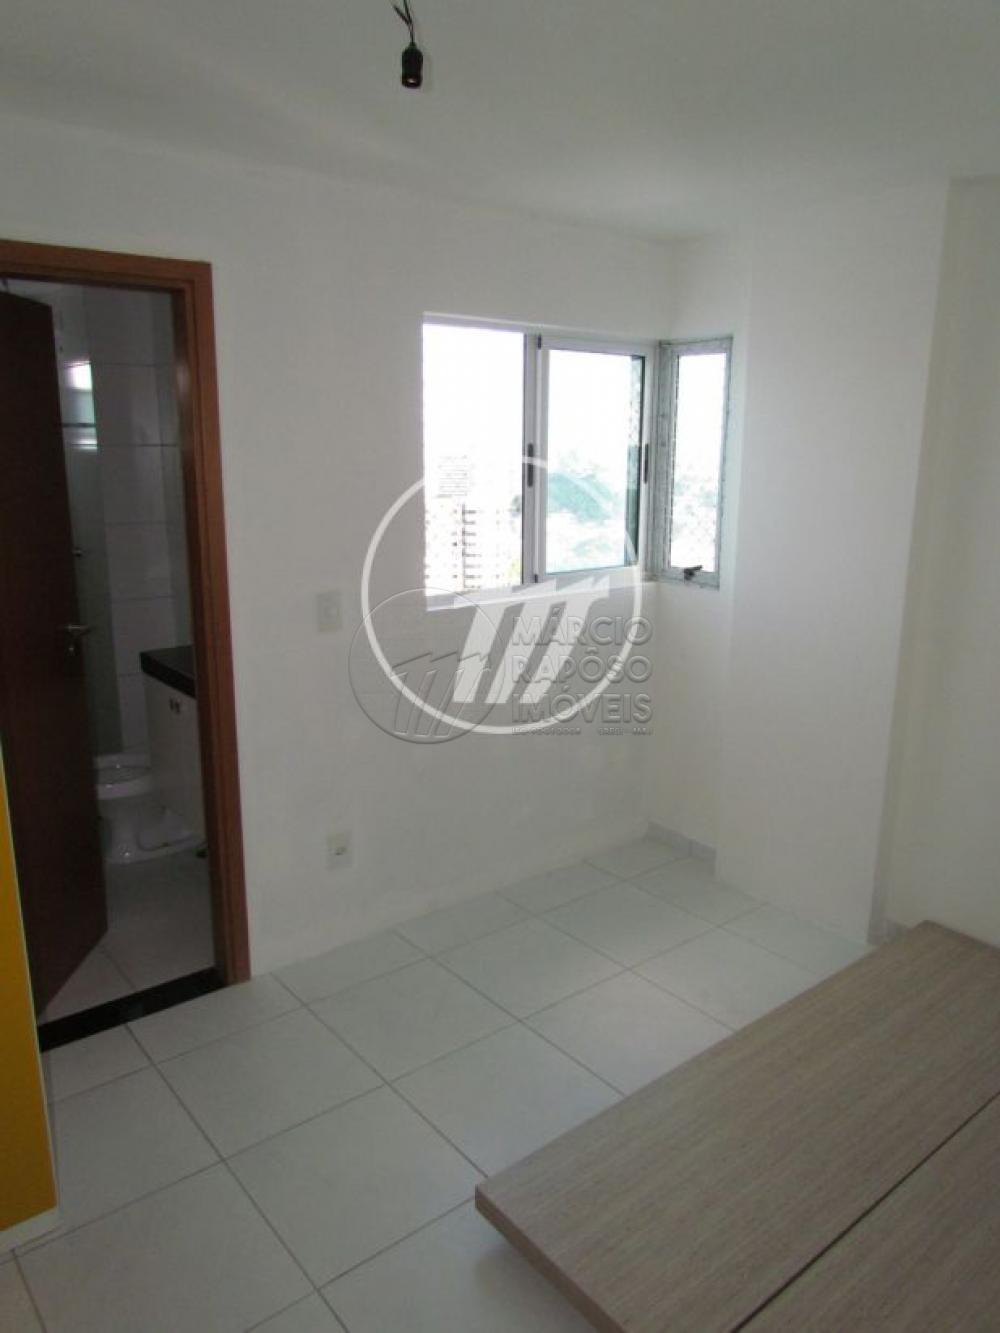 Comprar Apartamento / Padrão em Maceió apenas R$ 620.000,00 - Foto 6